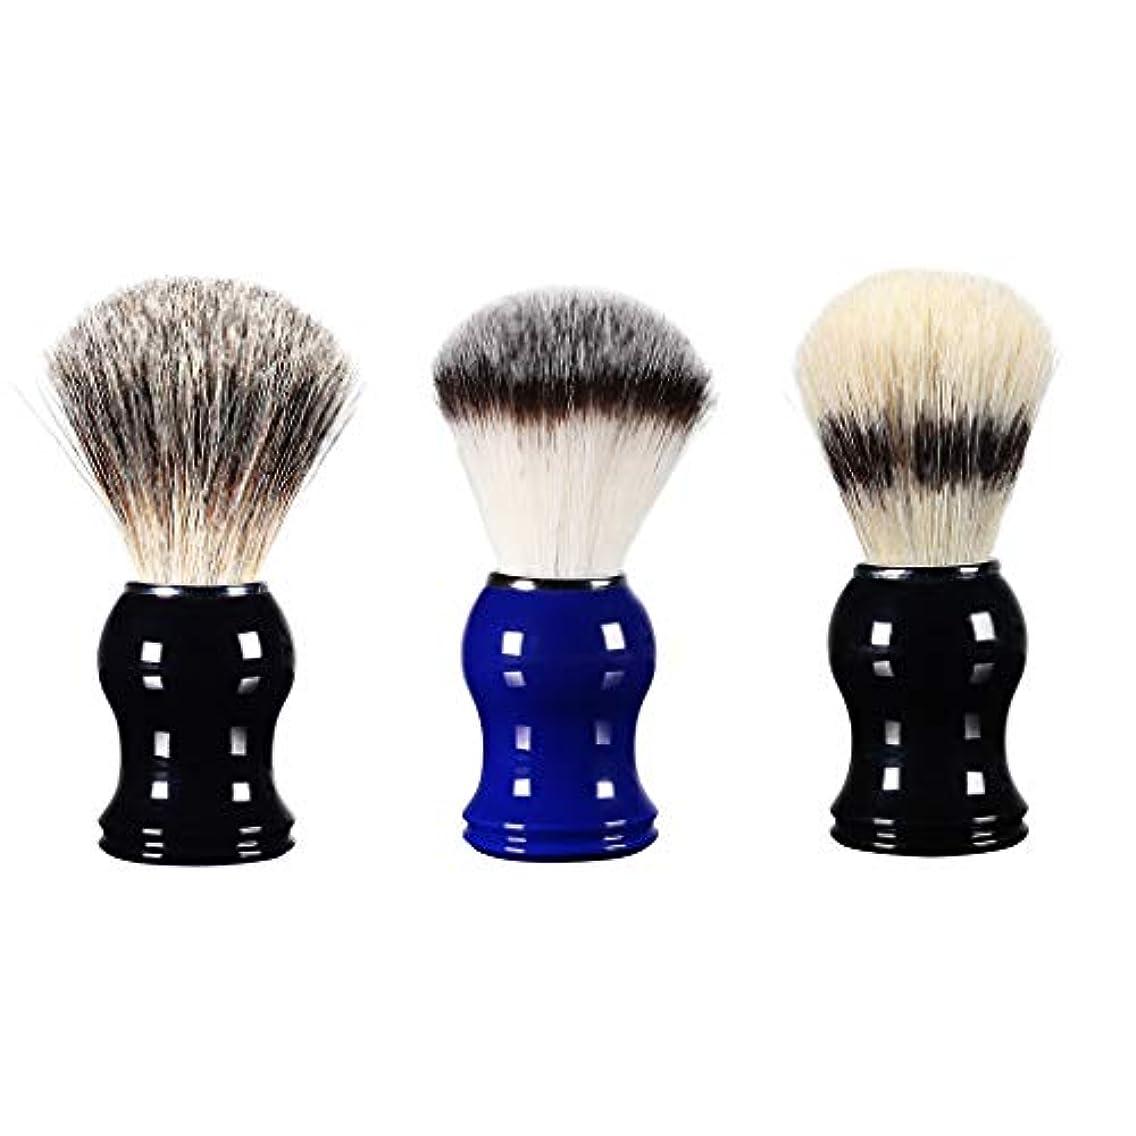 デコレーション魚談話dailymall 3 Xプロのひげ剃りブラシ男性化粧品グルーミングツール樹脂ハンドル